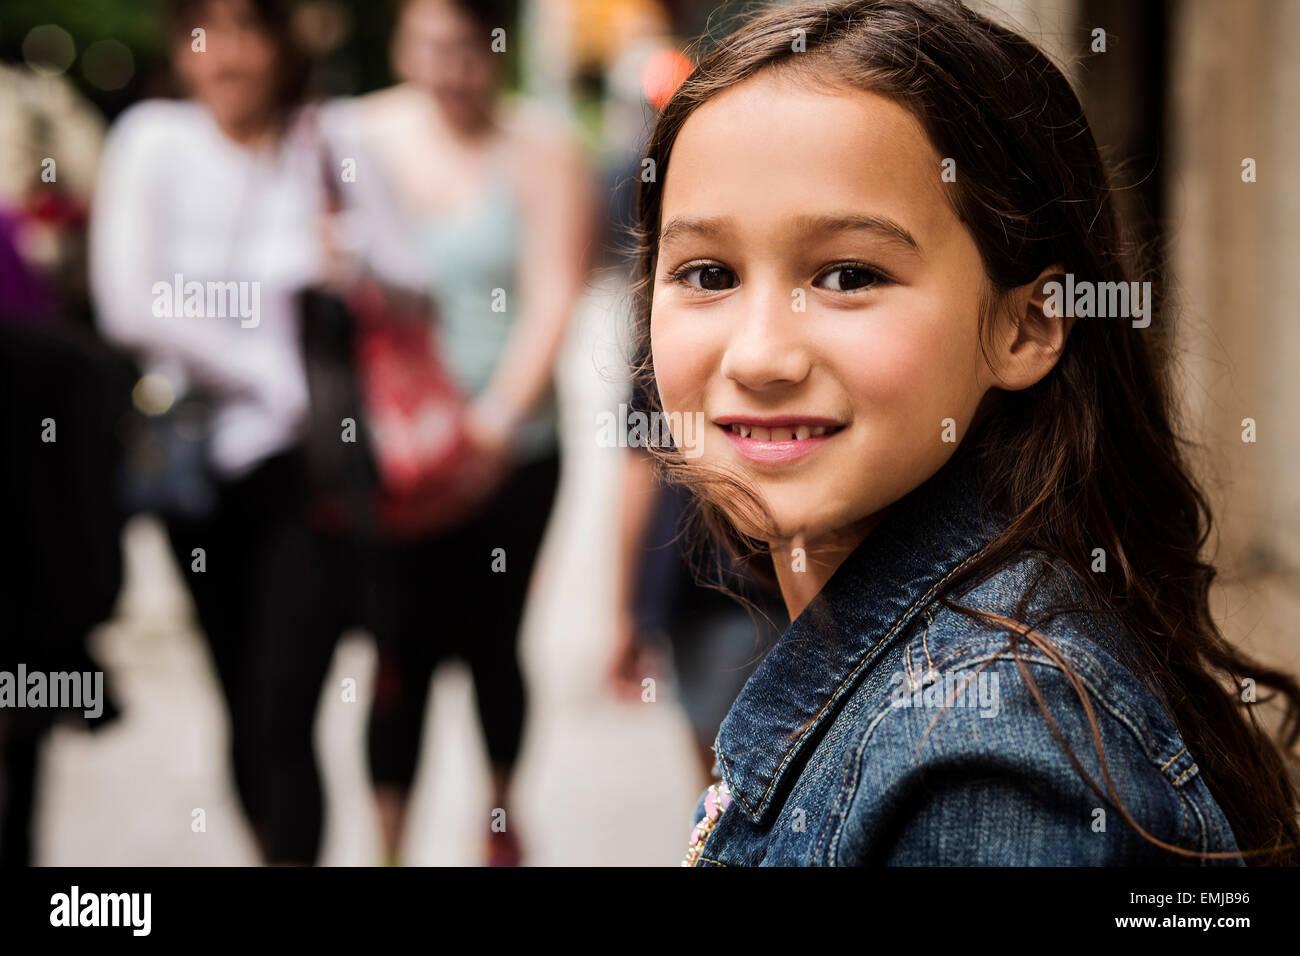 Retrato del joven sonriente, en primer plano Imagen De Stock